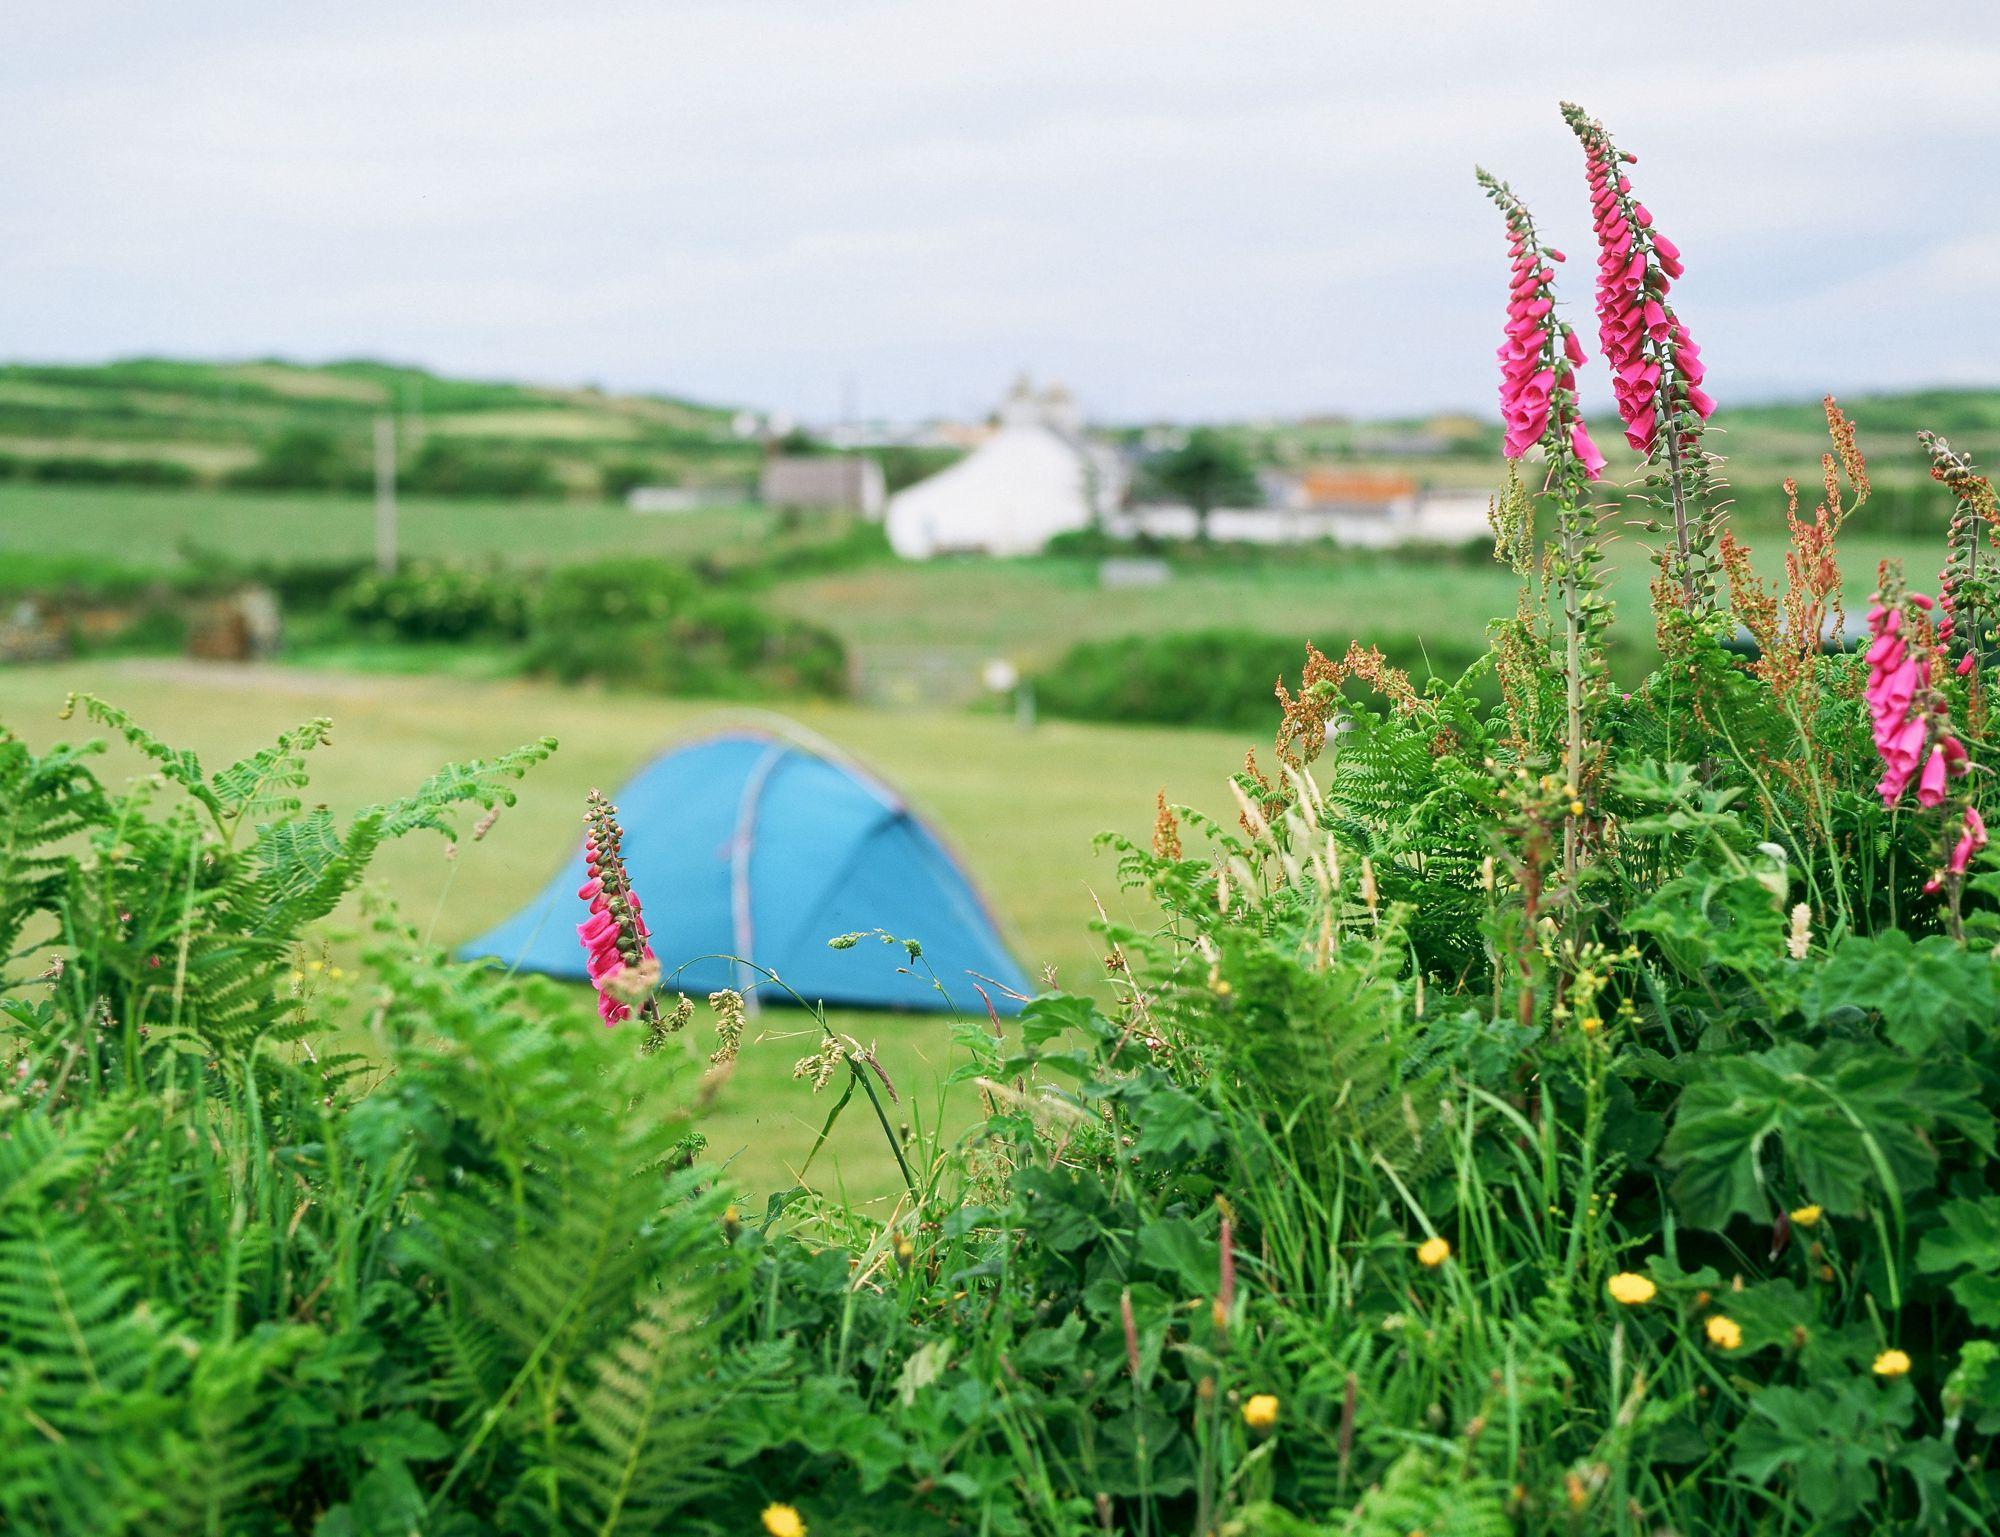 Campsites in Snowdonia